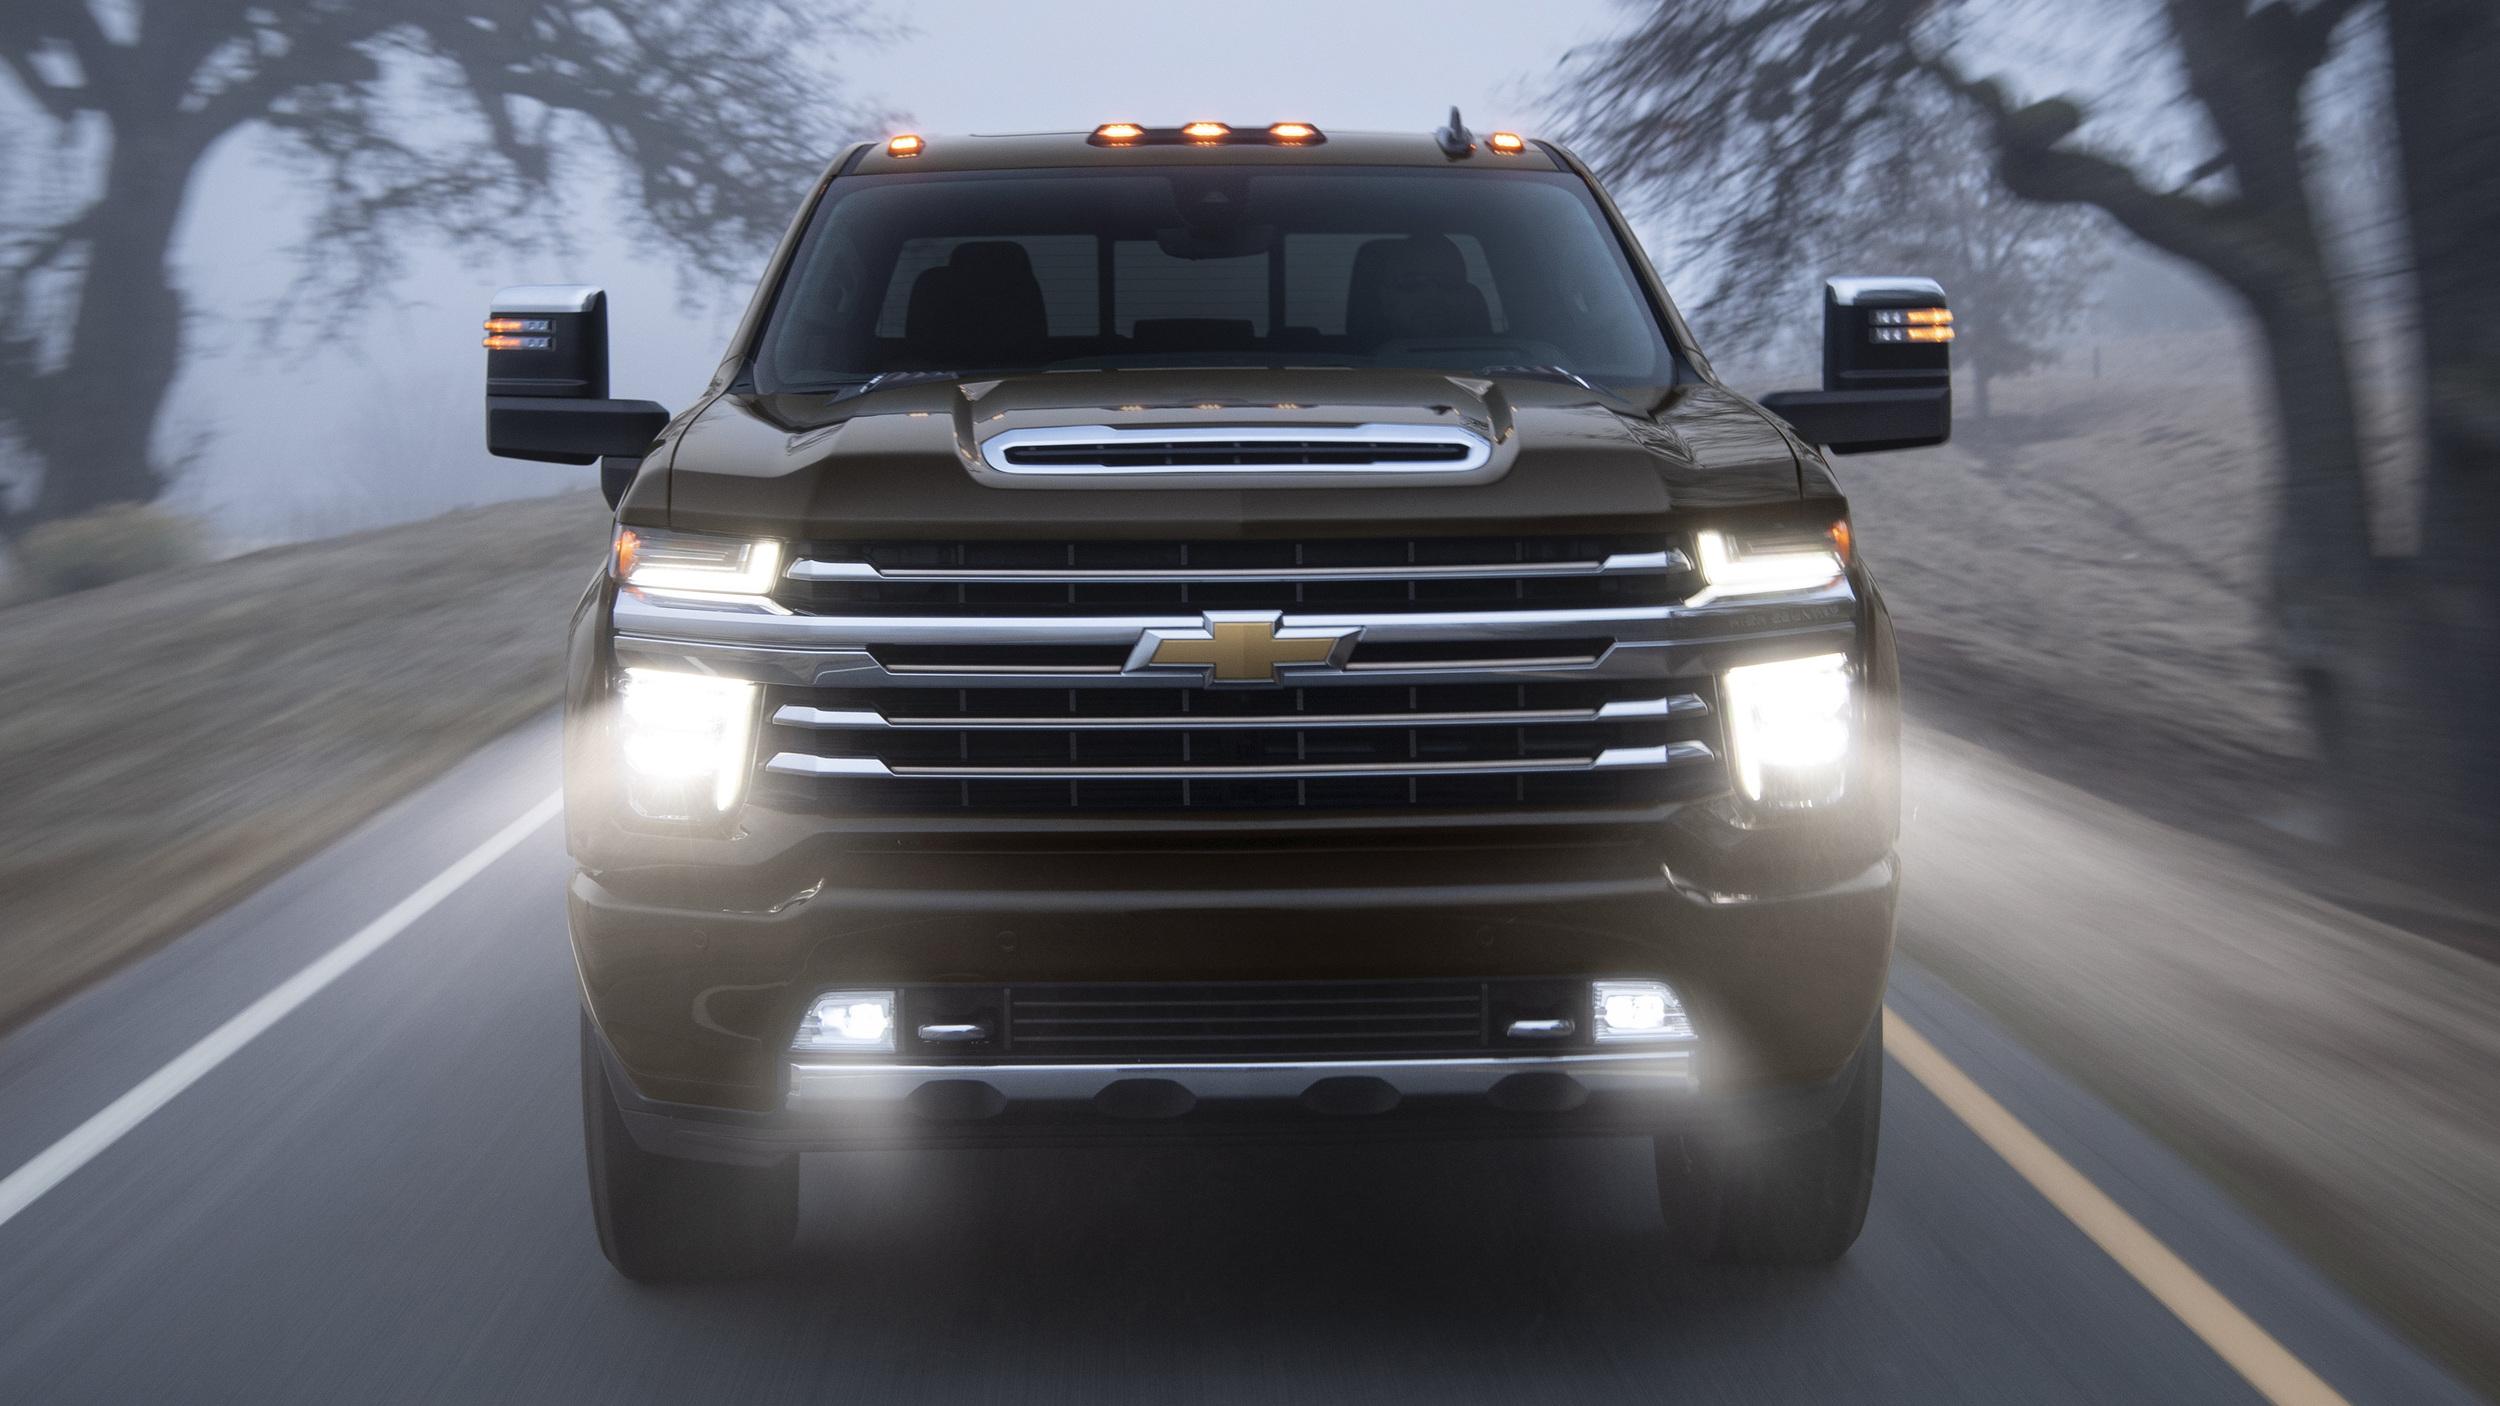 Chevrolet Silverado HD 2020: 35 500 livres de capacité de remorquage - Cartastic.ca